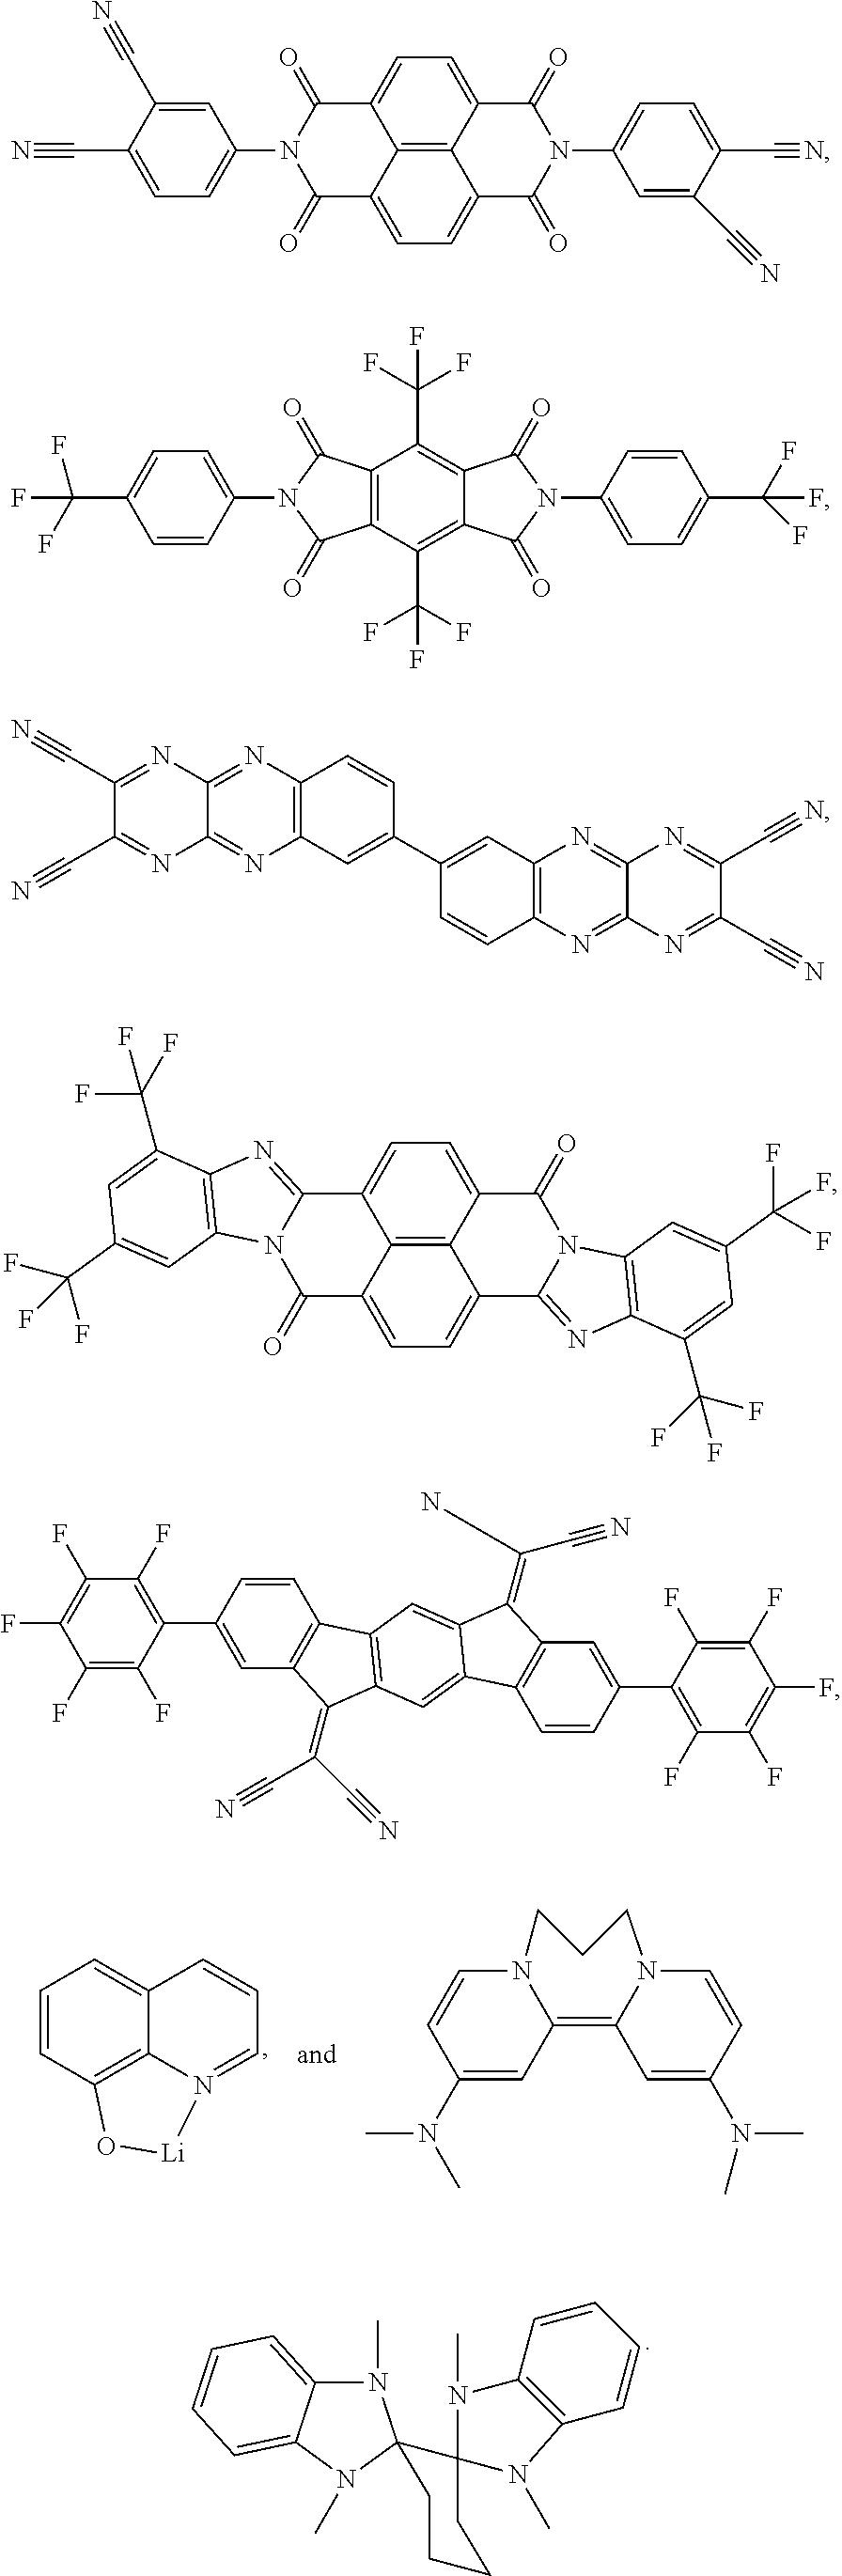 Figure US09978956-20180522-C00042